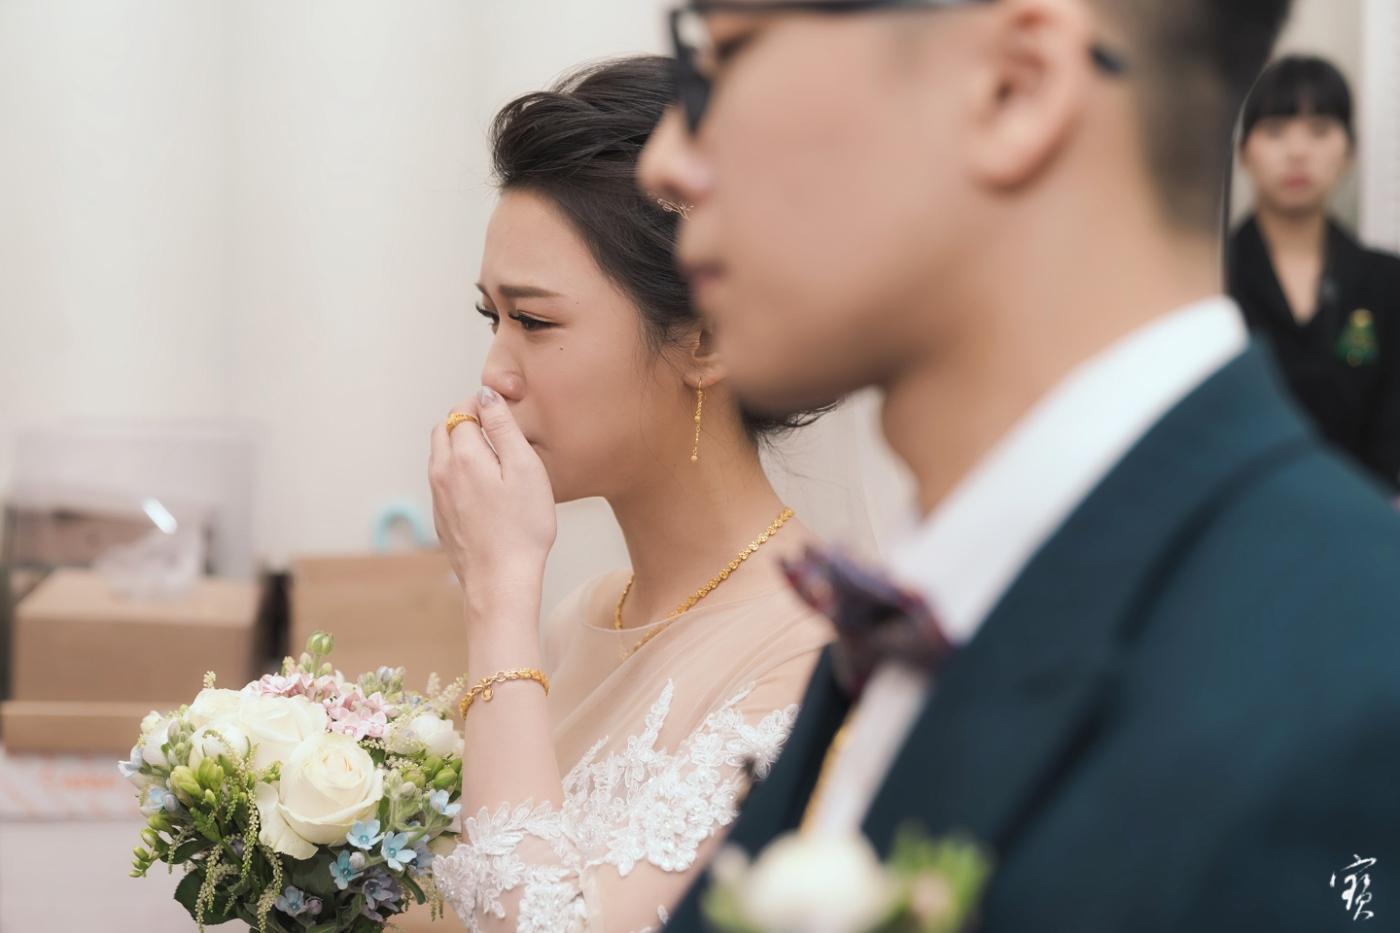 婚禮攝影 婚紗 大直 典華 冬半影像 攝影師大寶 北部攝影 台北攝影 桃園攝影 新竹攝影20181208-182